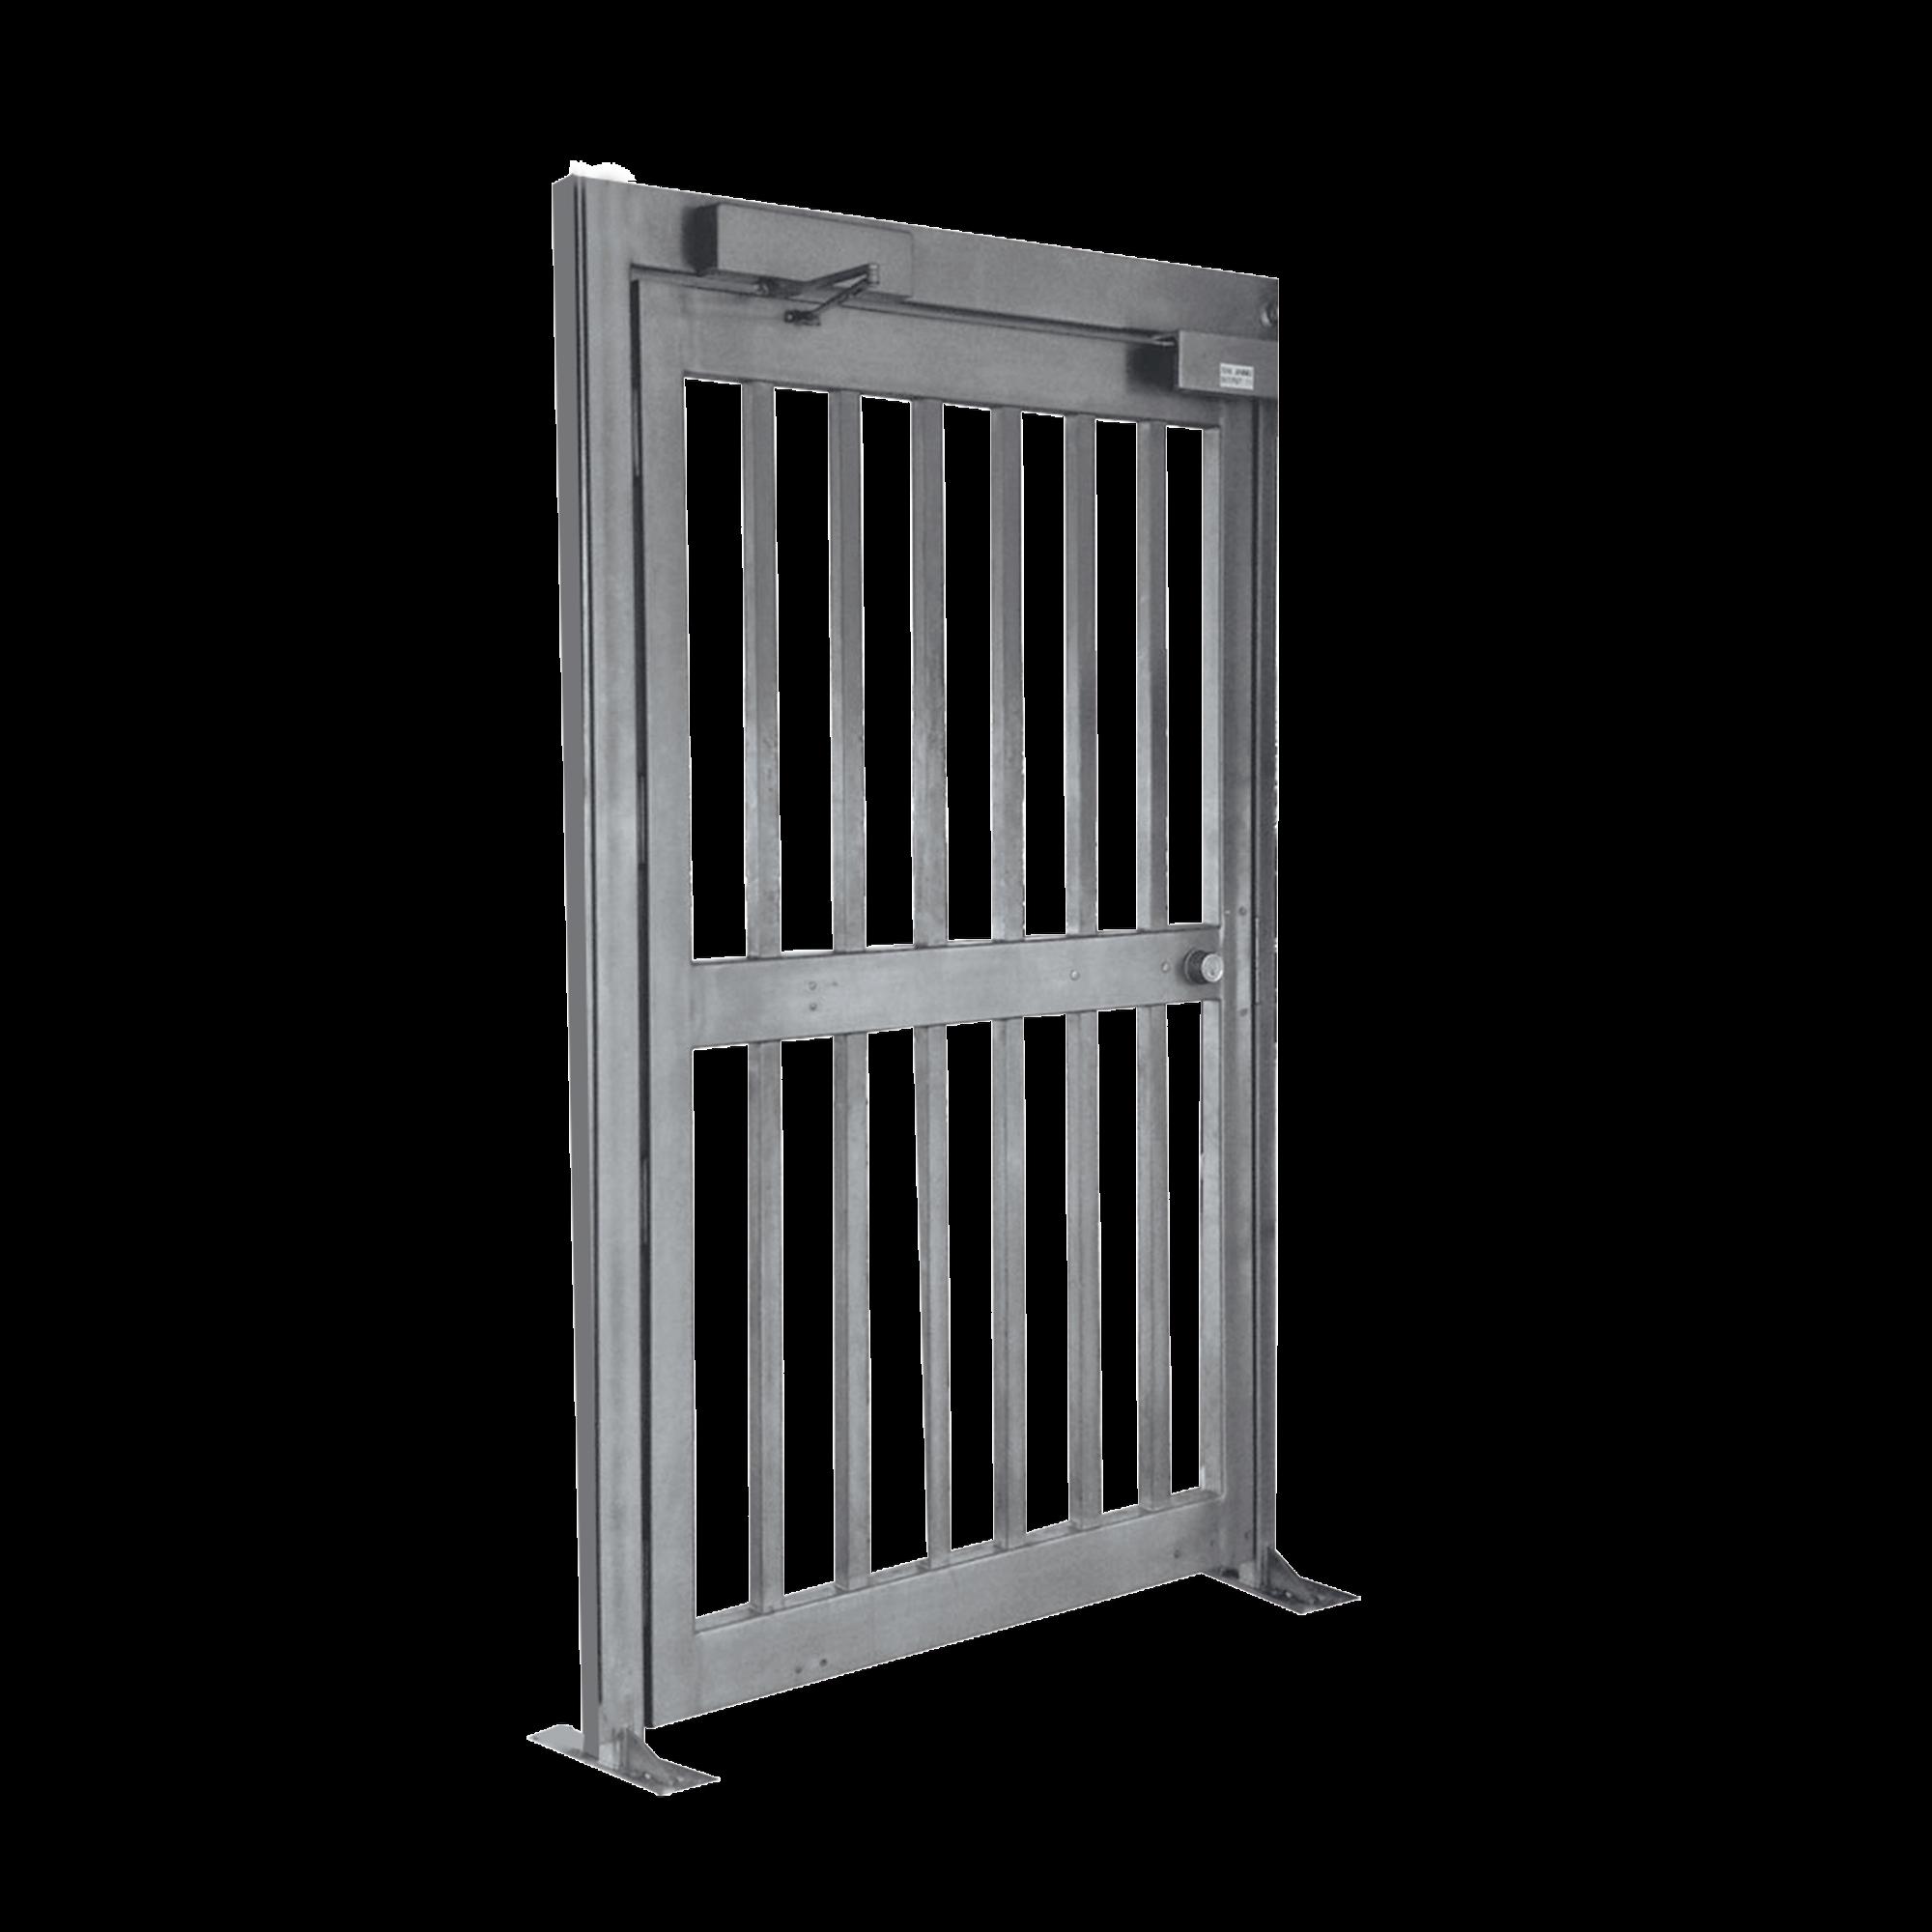 Puerta de Alta Seguridad de Cuerpo Completo  ACABADO EN ACERO GALVANIZADO